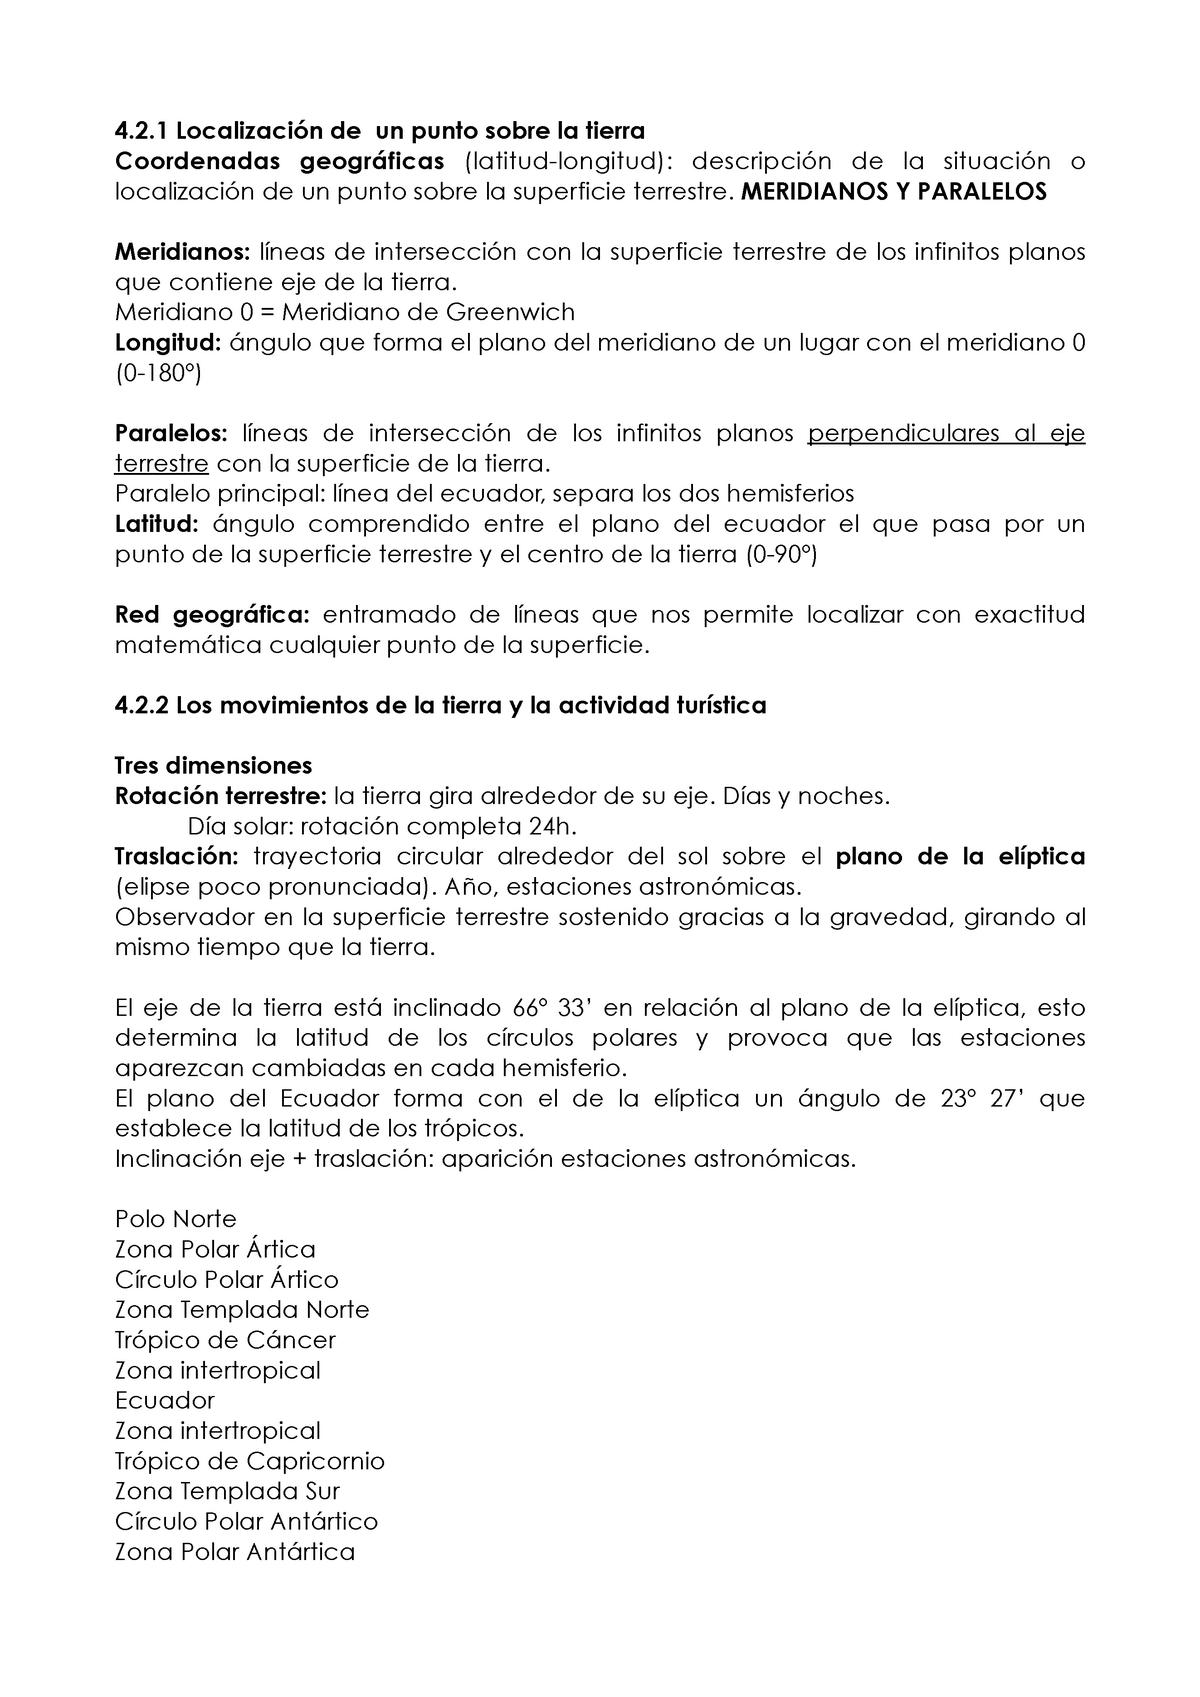 Resumen Tema 4 - Geografia Del Turismo 800004 - StuDocu